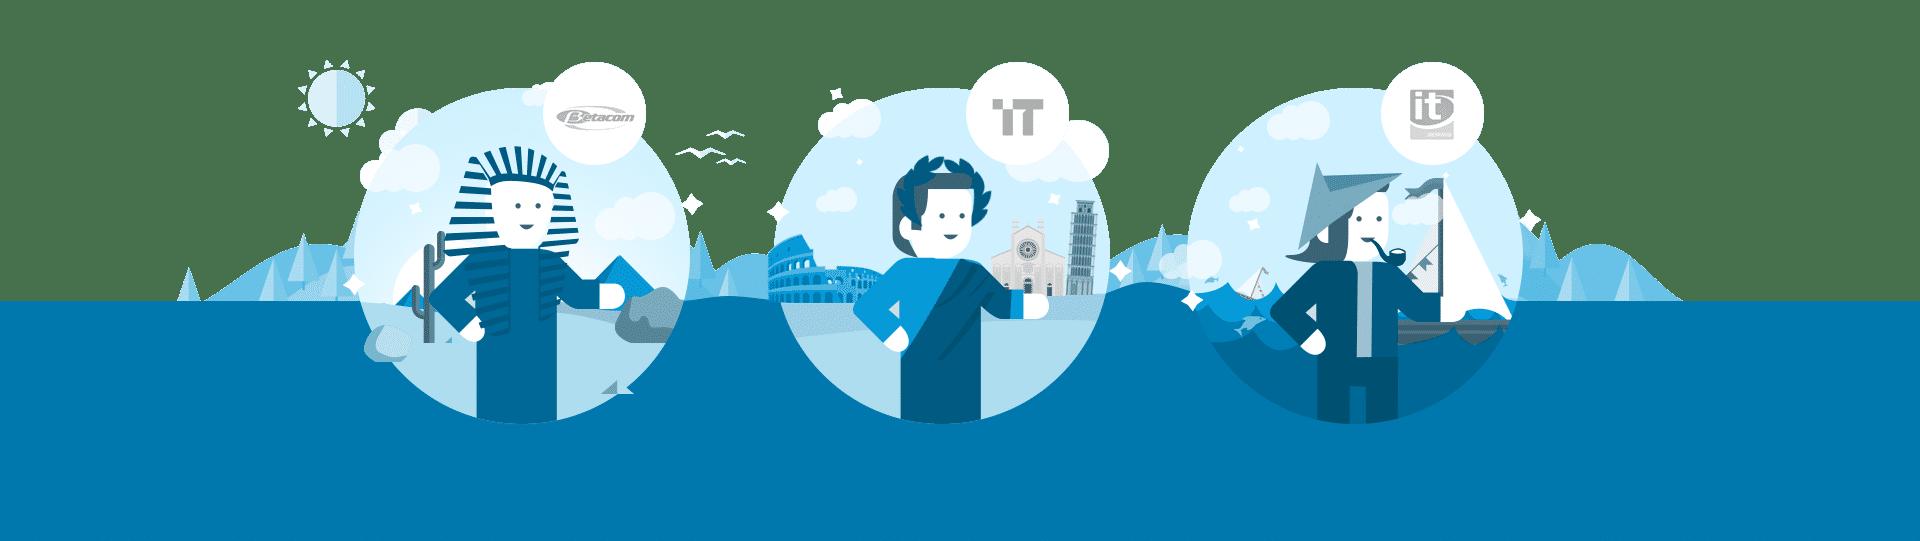 Marcin Rumierz – Senior Graphic/UI/UX Designer | This is